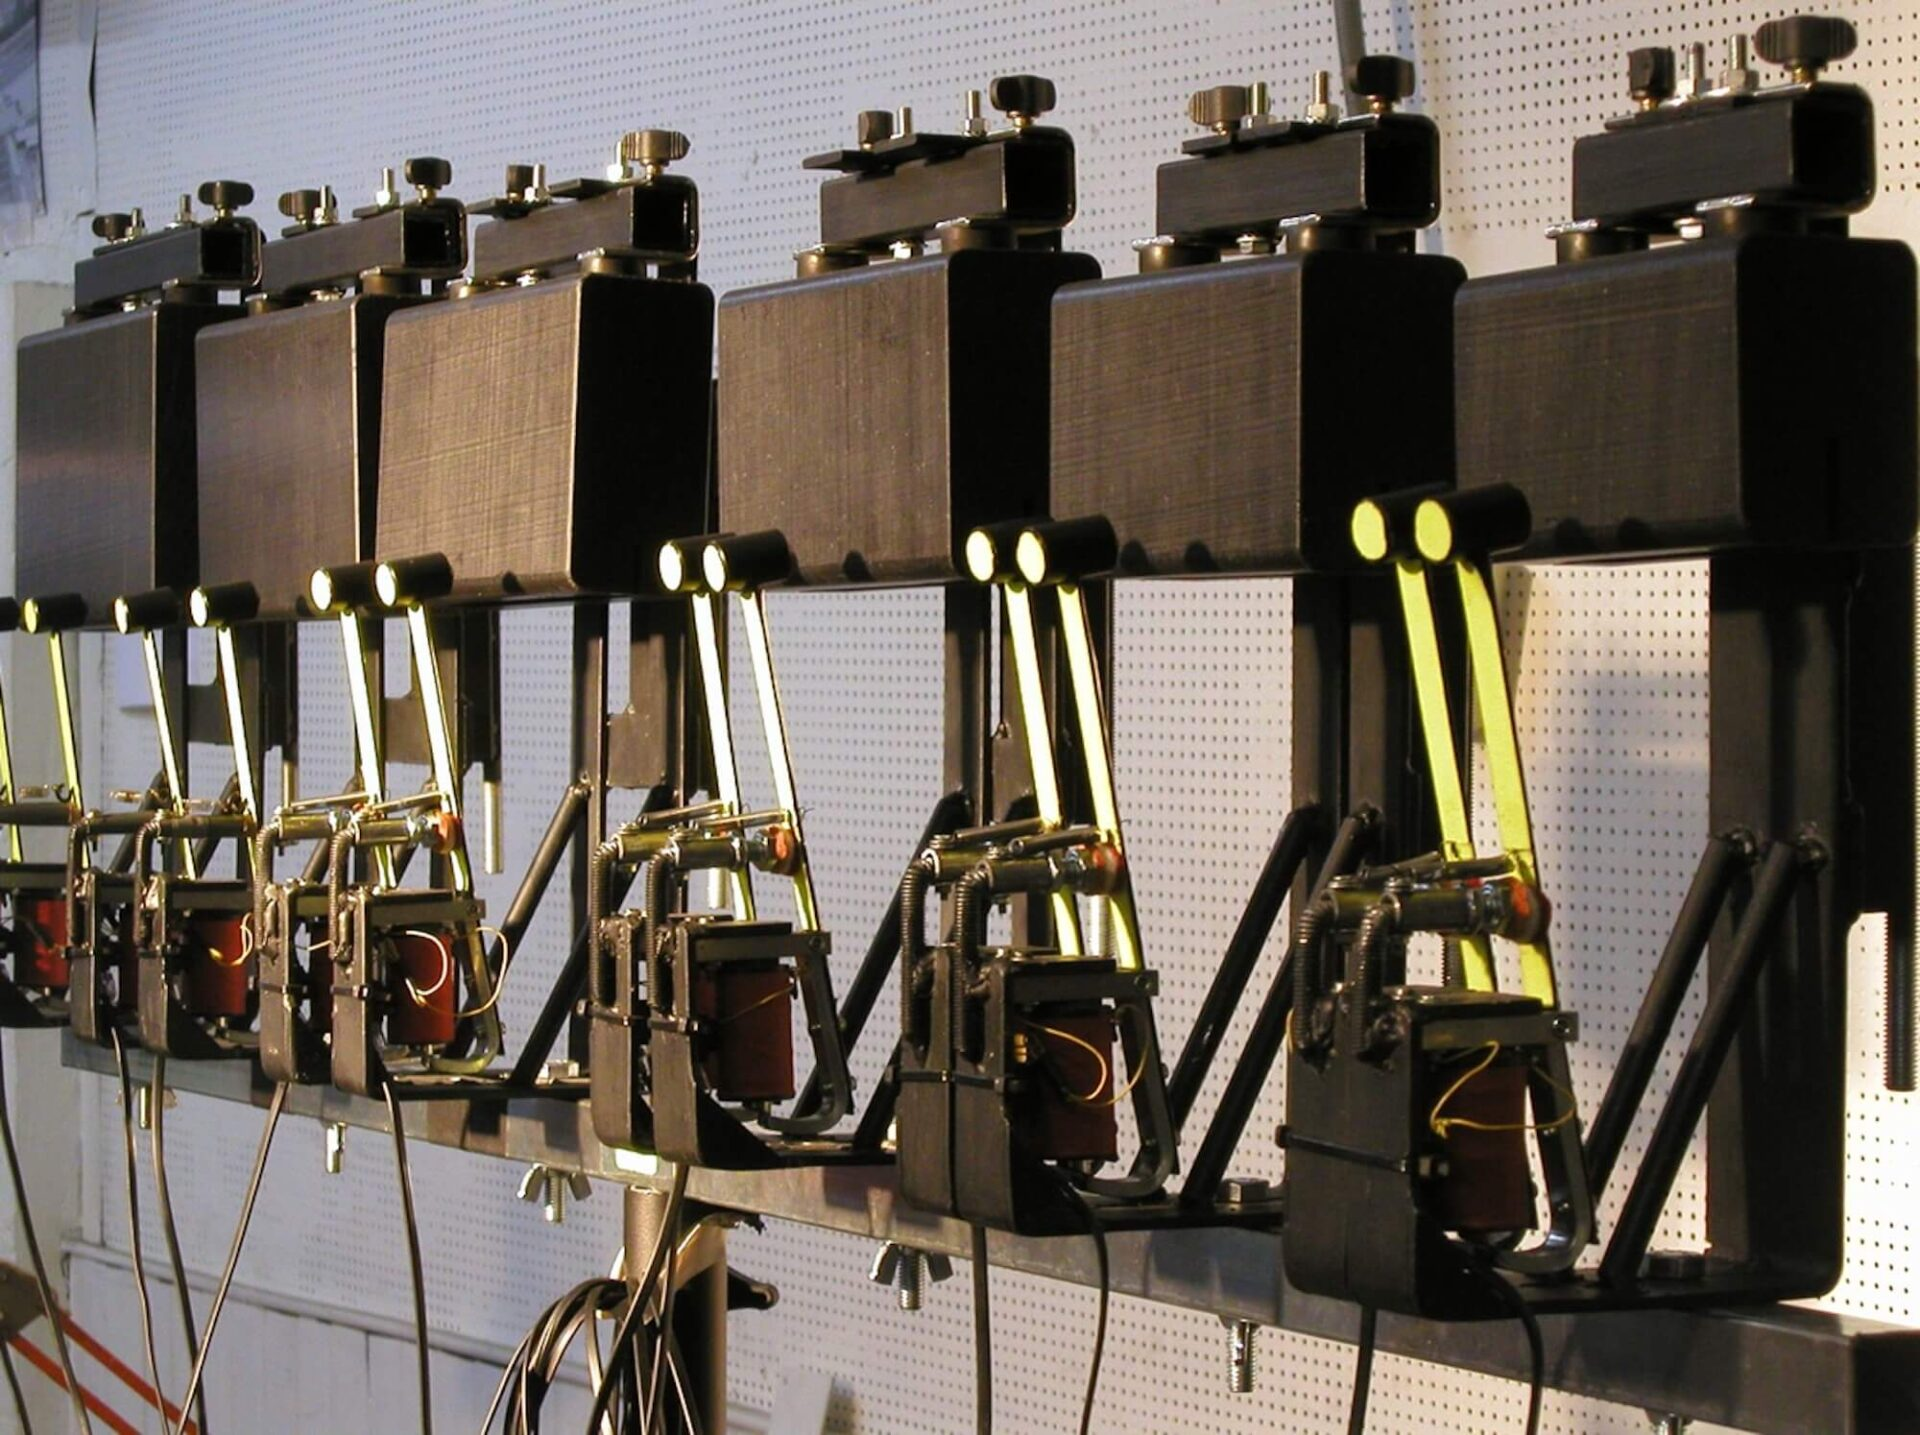 Photographie montrant 6 blocs noirs percutés par baquejjes jaunes alimentés par electro-aimants